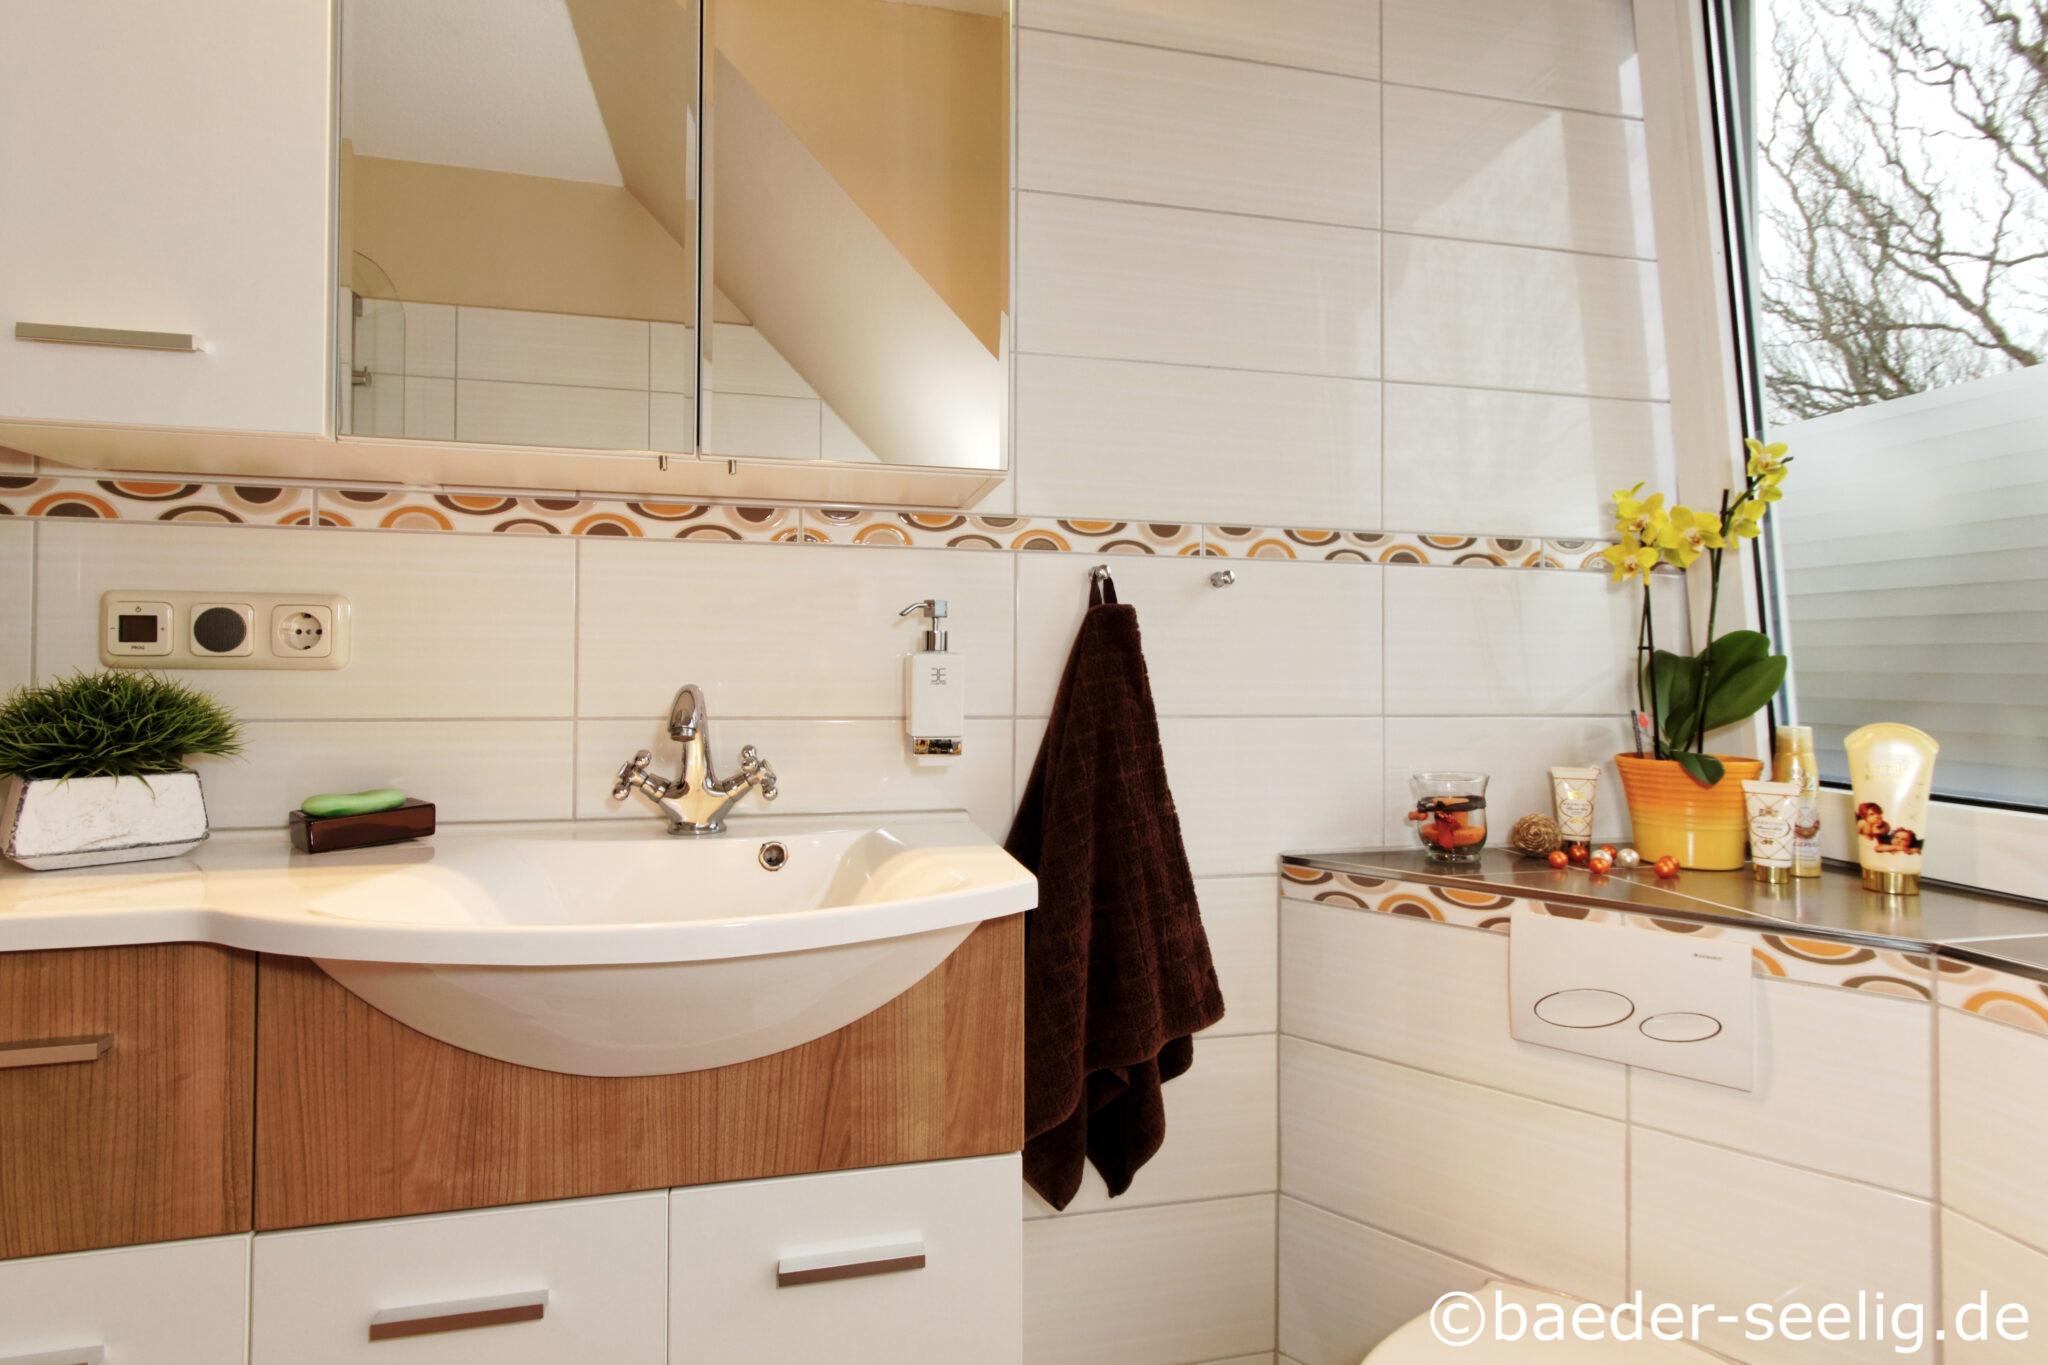 Badezimmer mit Dachschräge   moderne Badewanne mit Tür